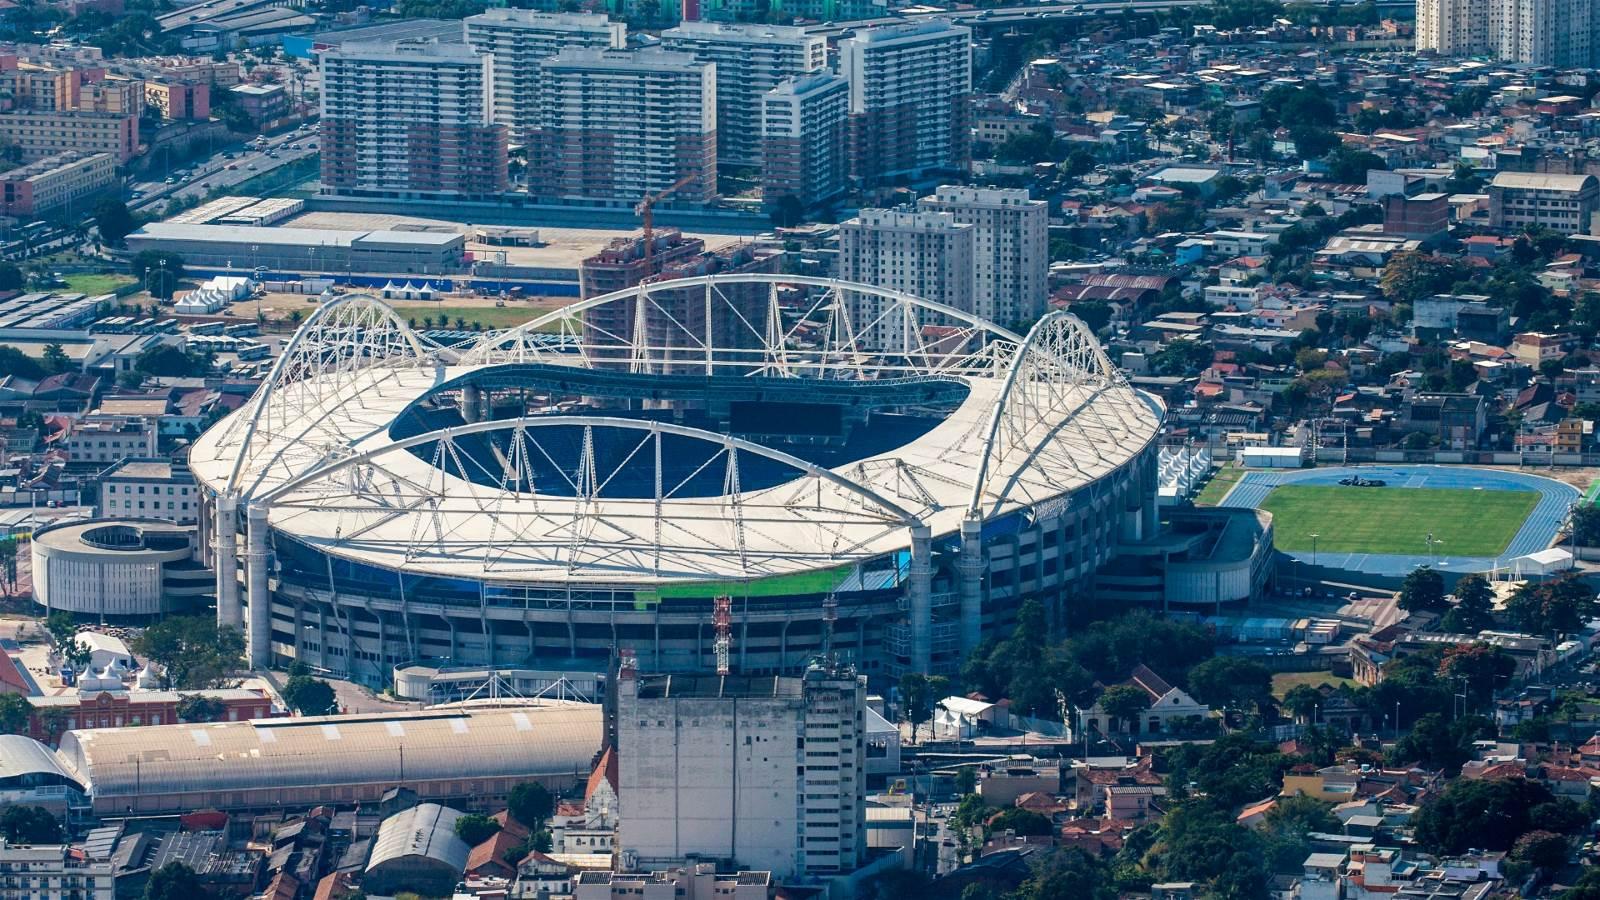 航拍 里约奥运会场馆更新组图